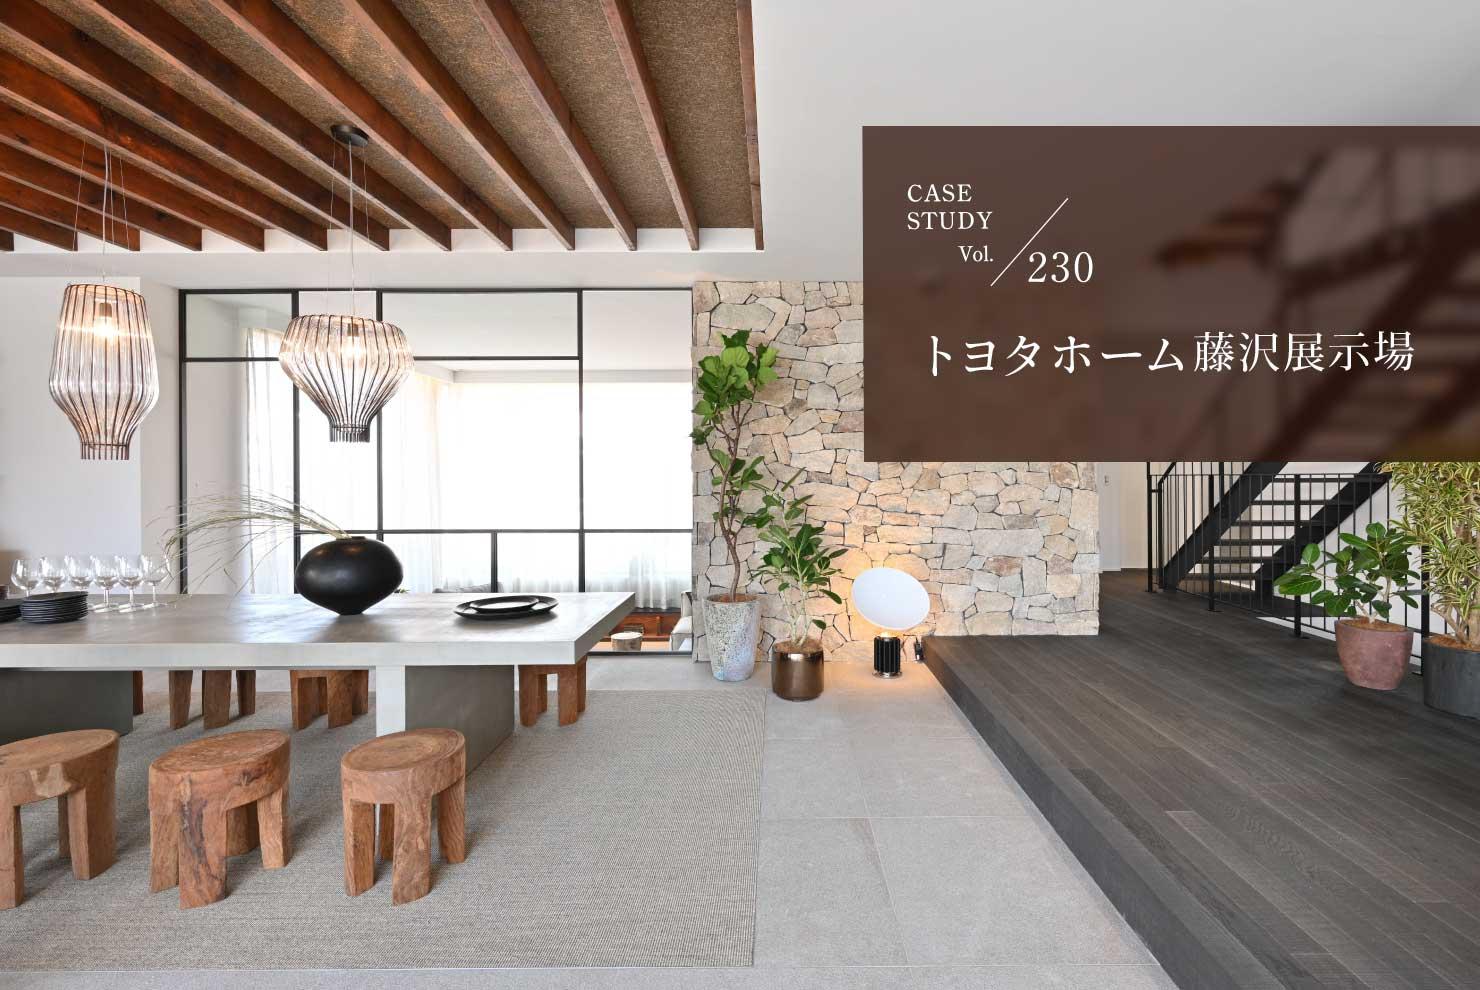 CASE STUDY Vol.230 トヨタホーム藤沢展示場